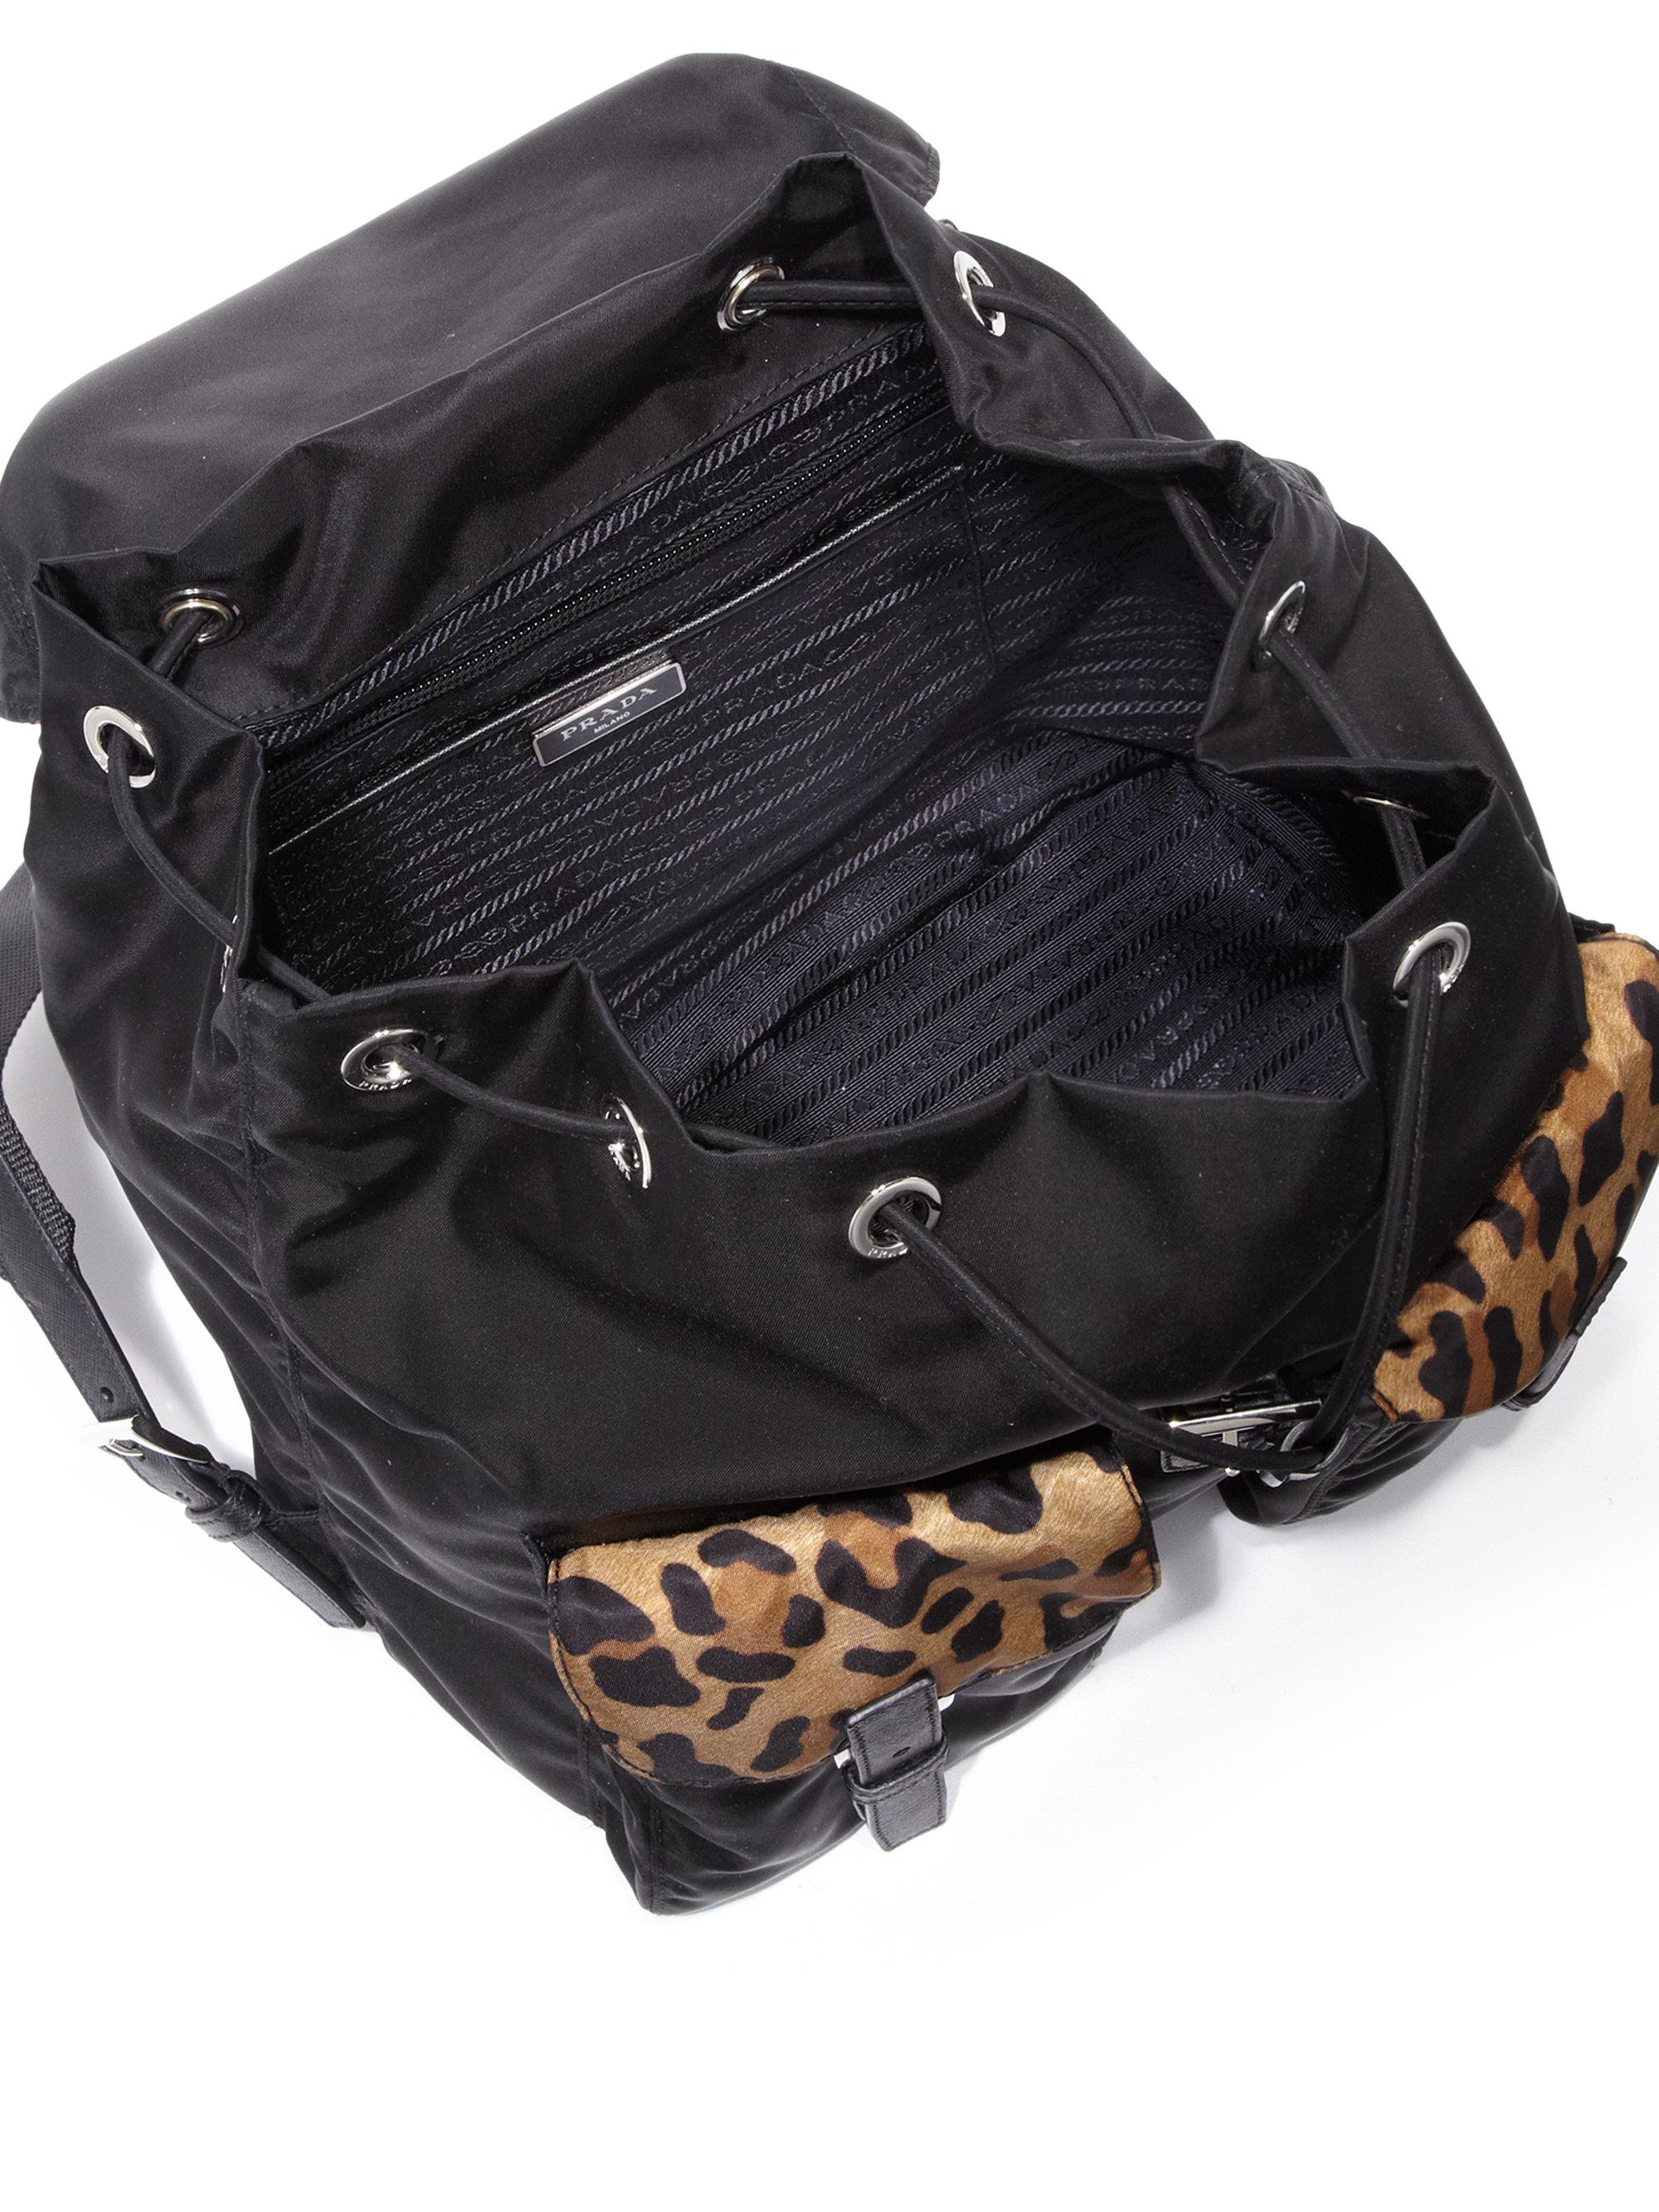 Prada Leopard-print Nylon Backpack in Black (black-tan) | Lyst